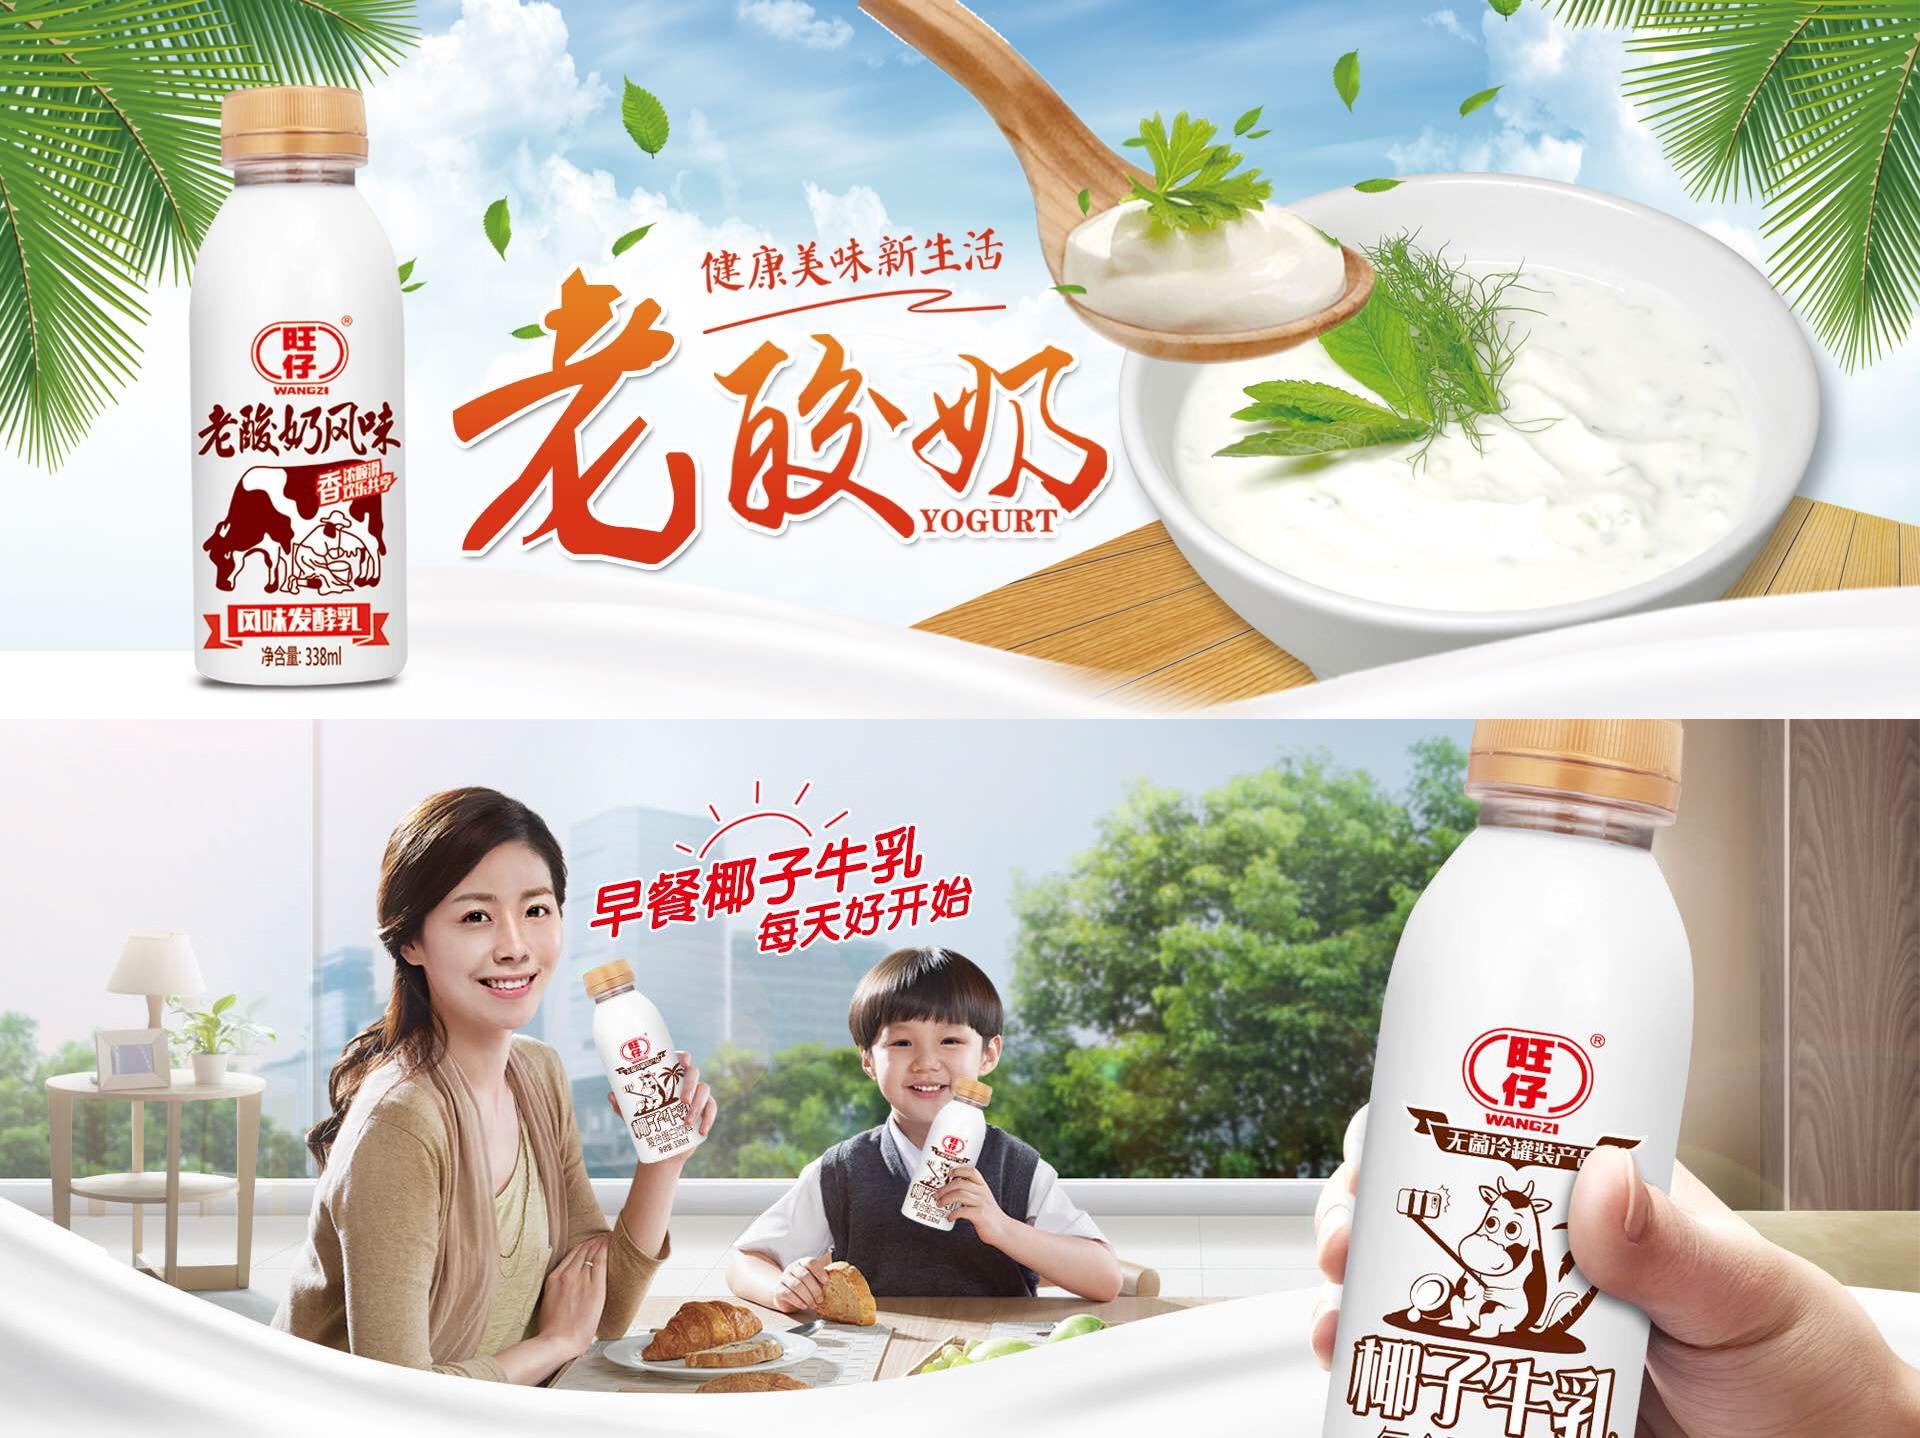 广州蓝顿食品饮料有限公司